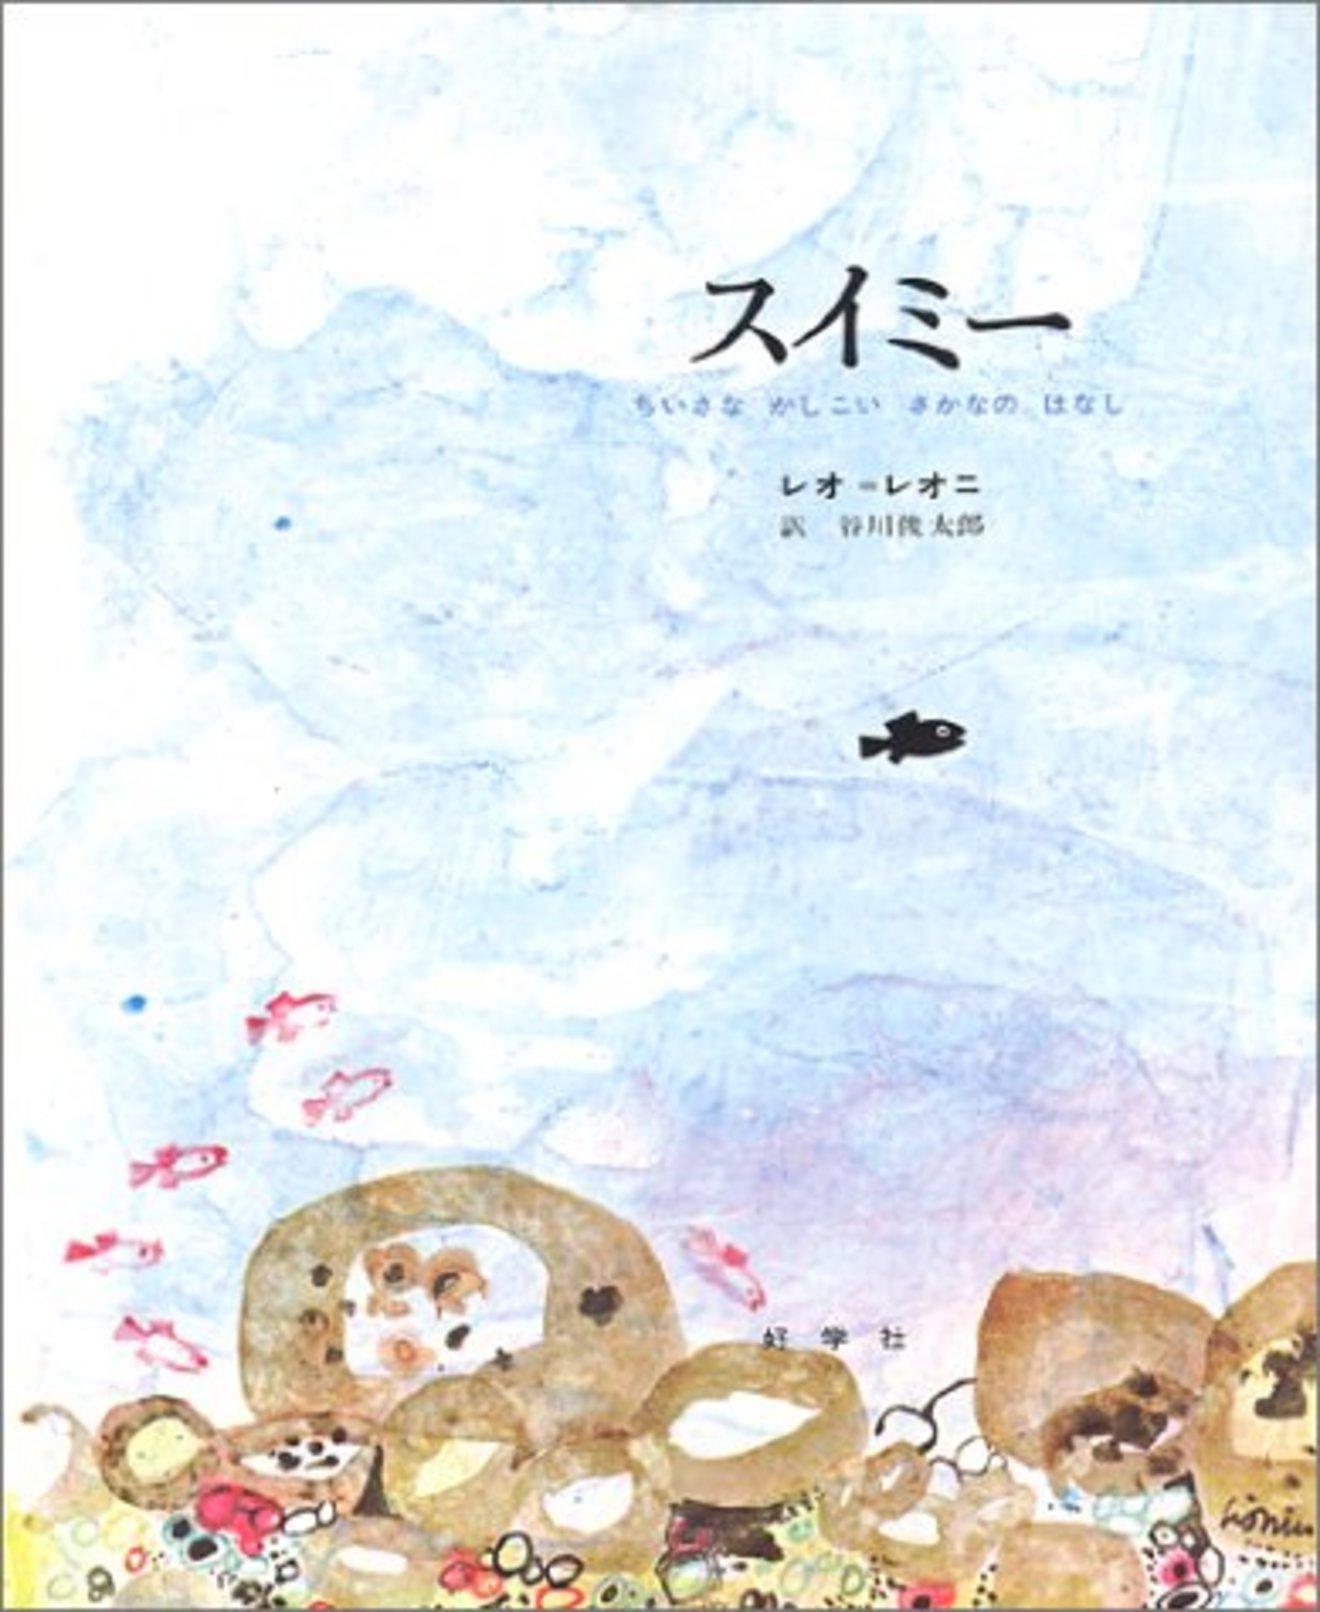 レオ・レオニのおすすめ絵本10選!名作『スイミー』は親子で読みたい